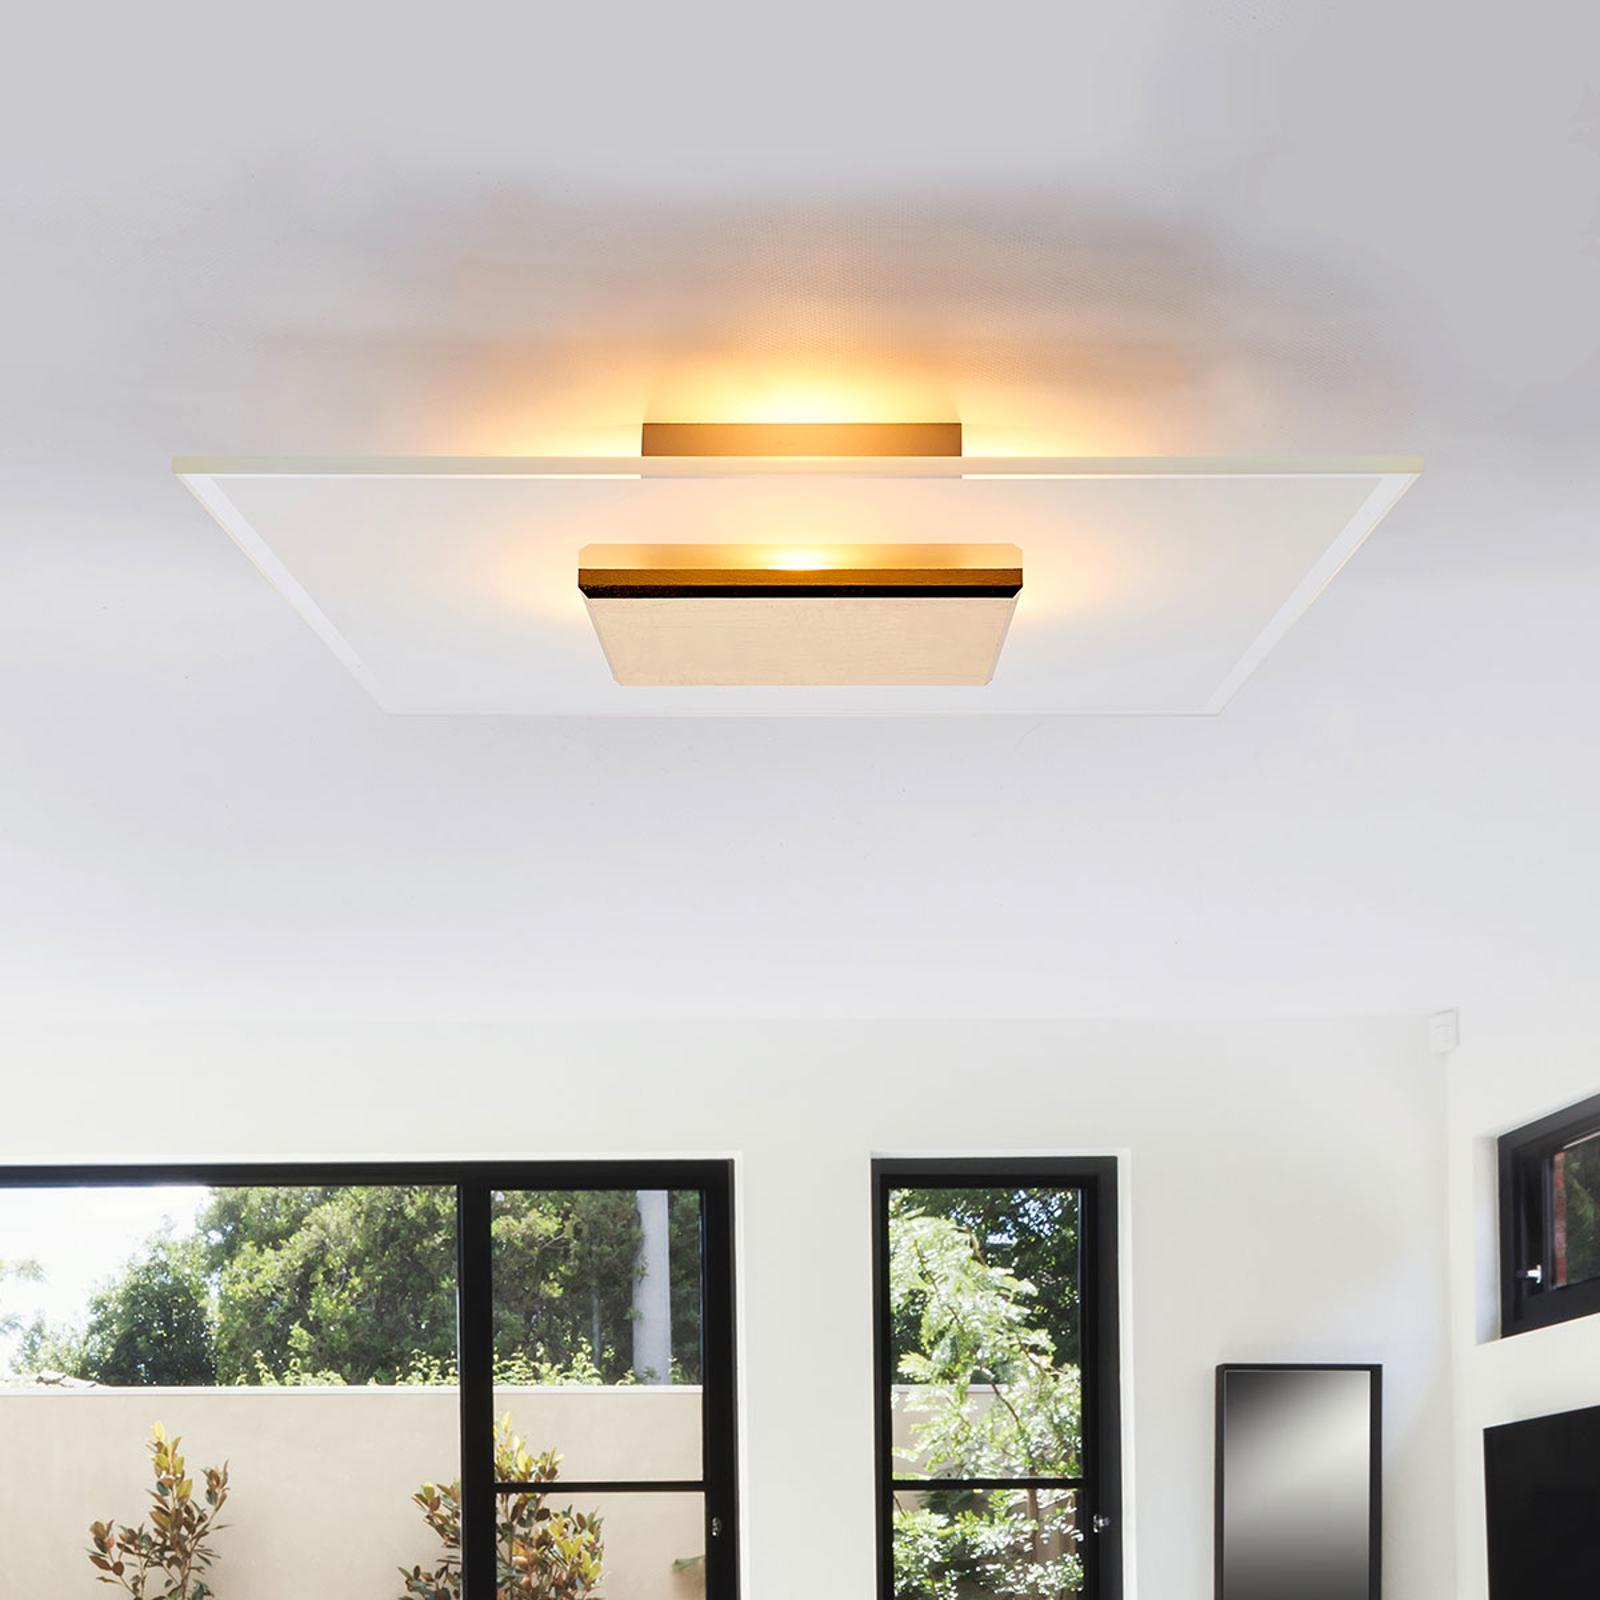 Plafonnier LED de qualité Lole abat-jour en verre